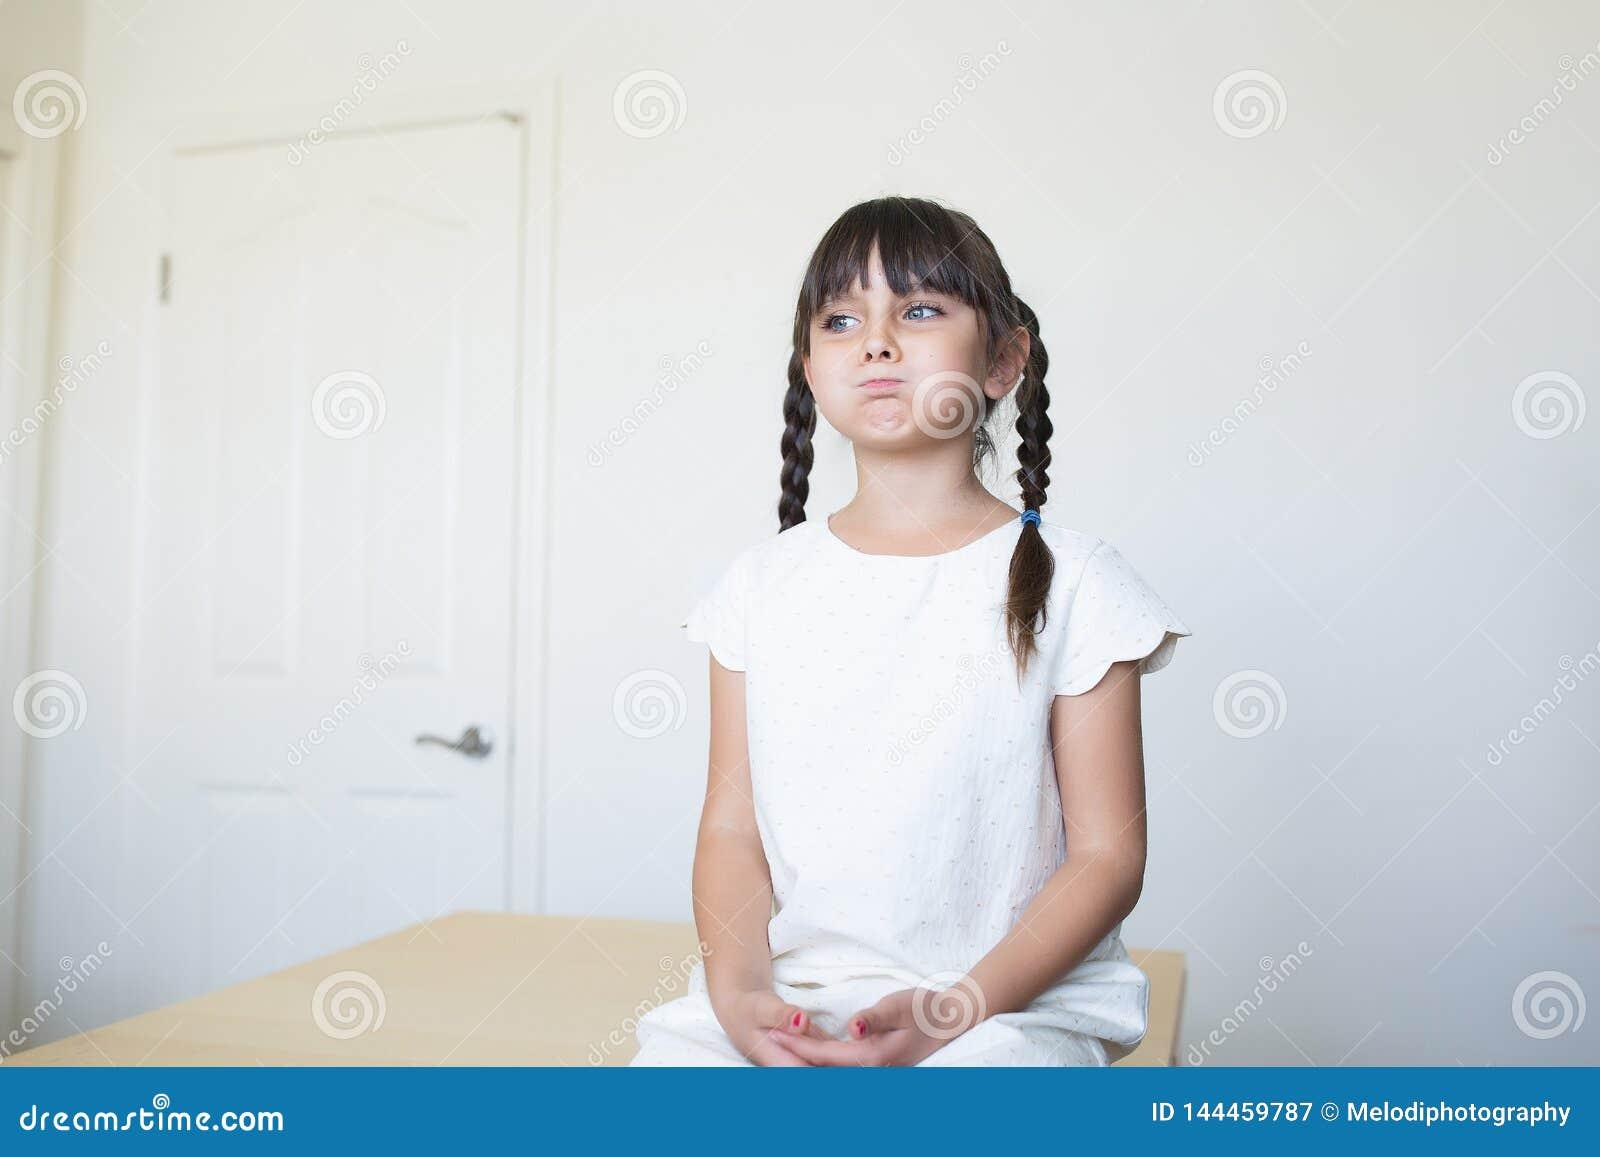 Τρυπημένο κορίτσι με μια έκφραση του προσώπου